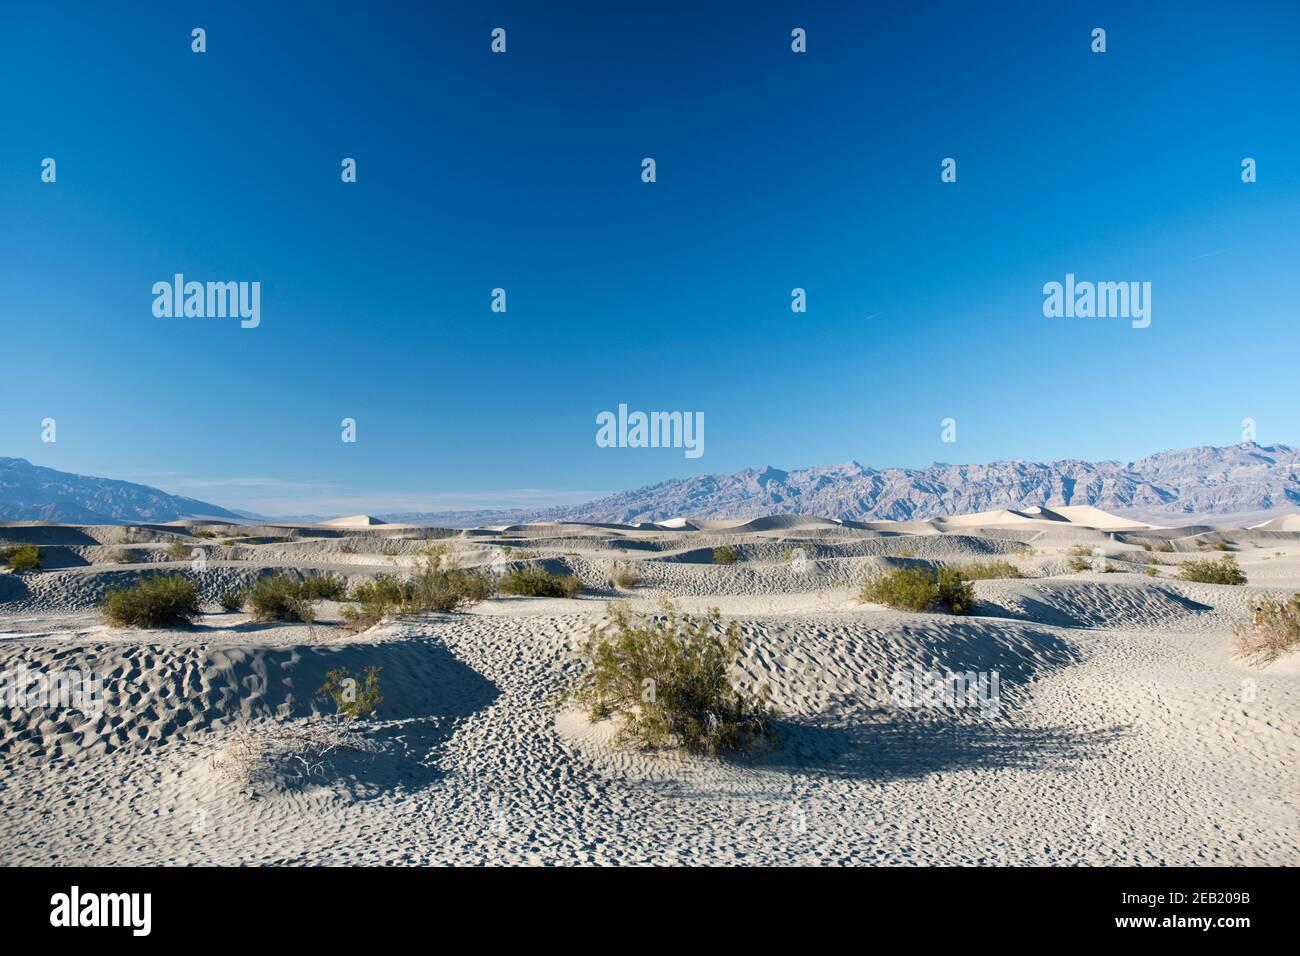 Les dunes de sable de Mesquite Flats, à l'extrémité nord du parc national de la vallée de la mort, en Californie. Banque D'Images